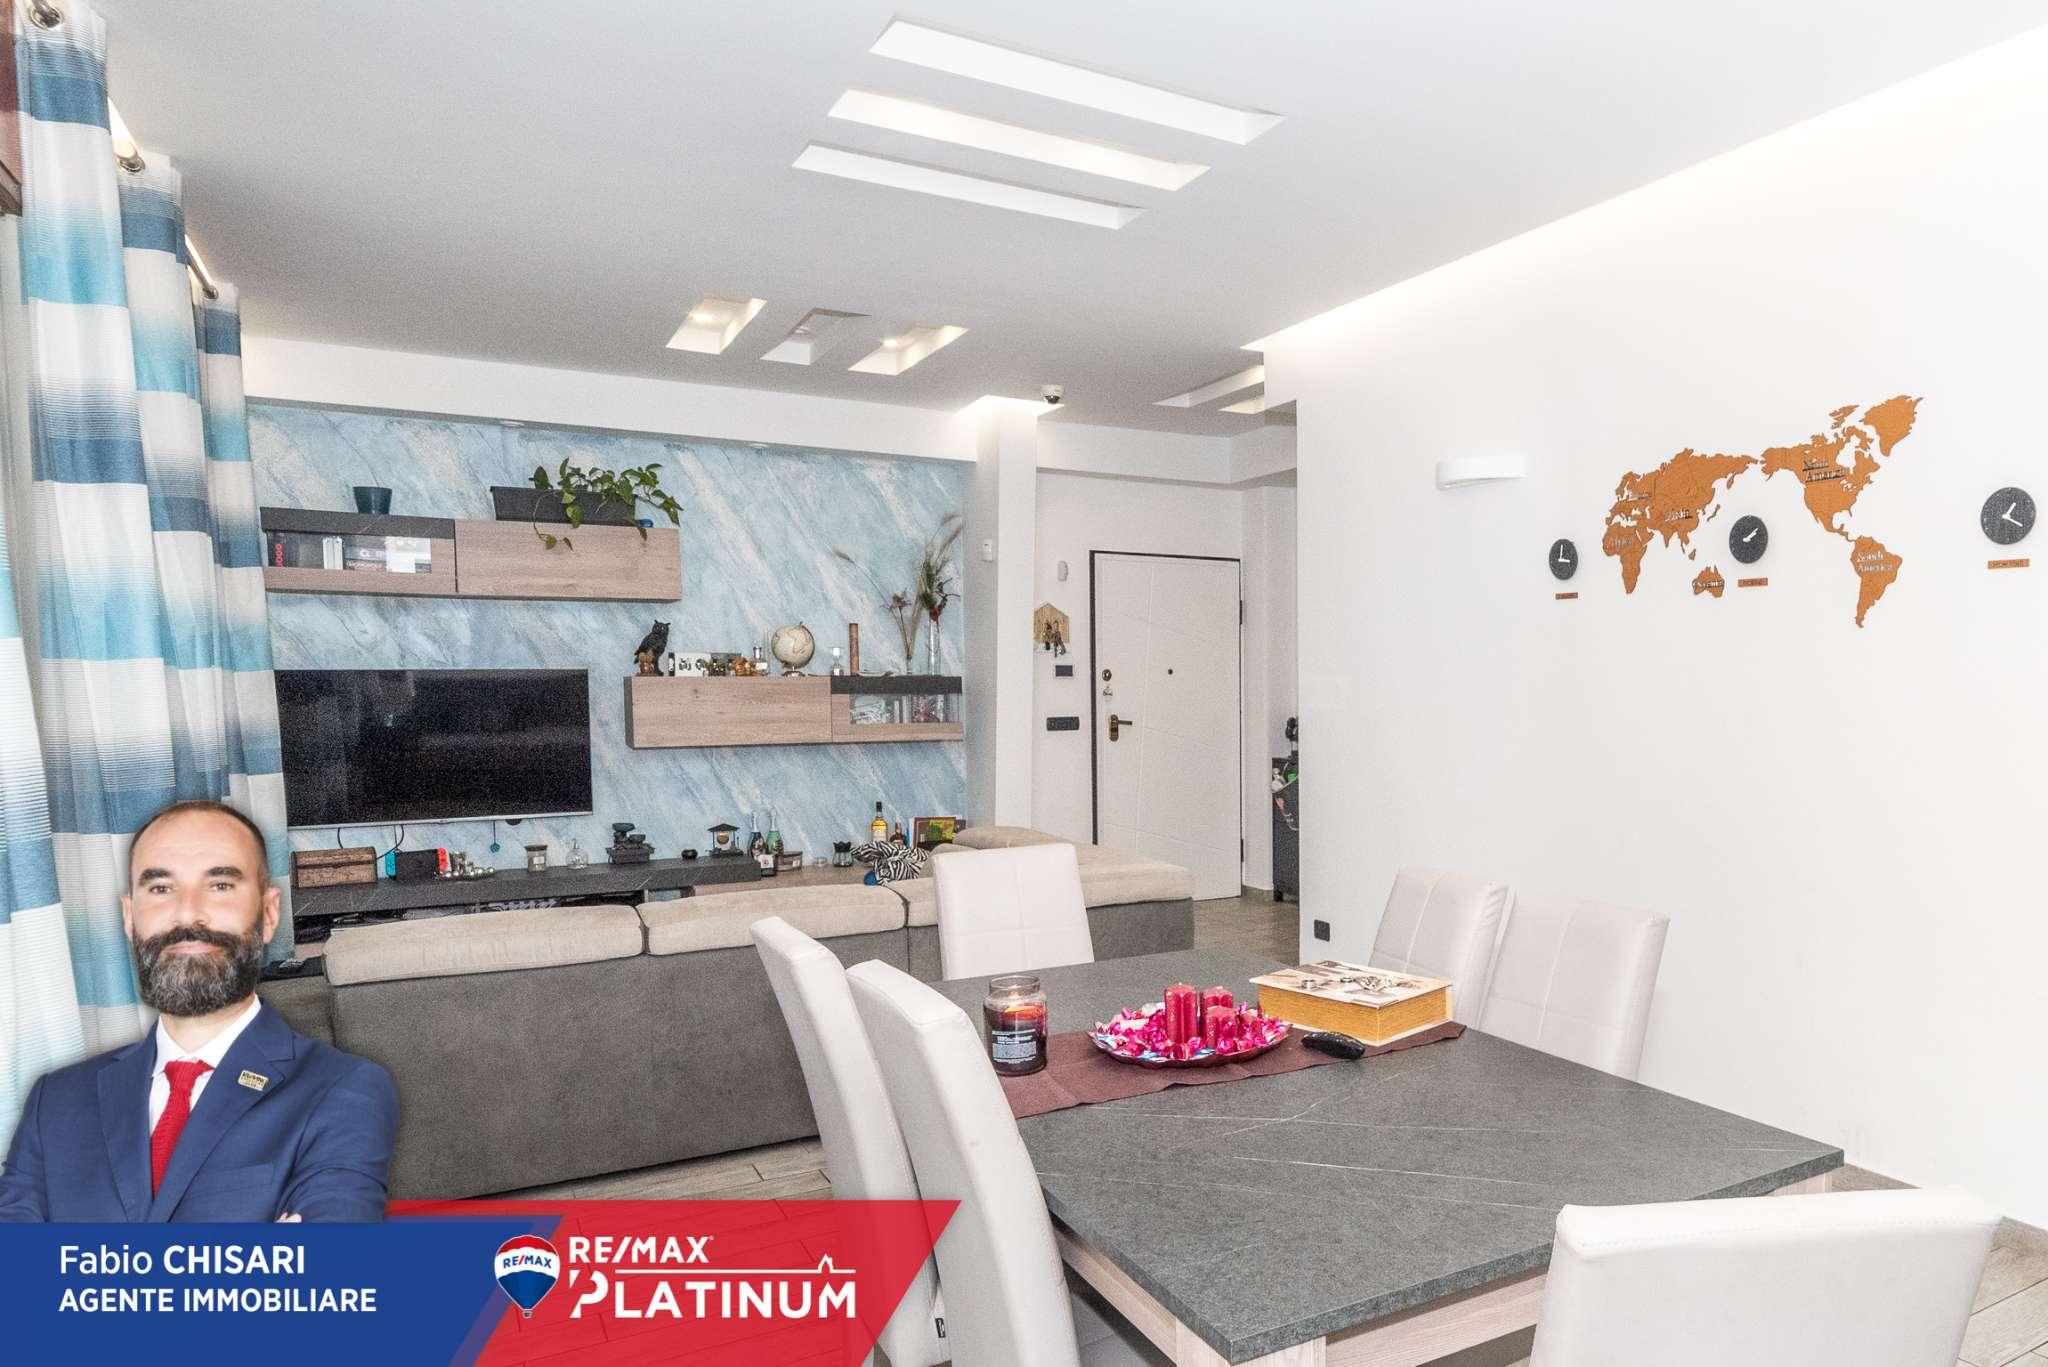 Appartamento in vendita a Gravina di Catania, 8 locali, prezzo € 198.000 | PortaleAgenzieImmobiliari.it